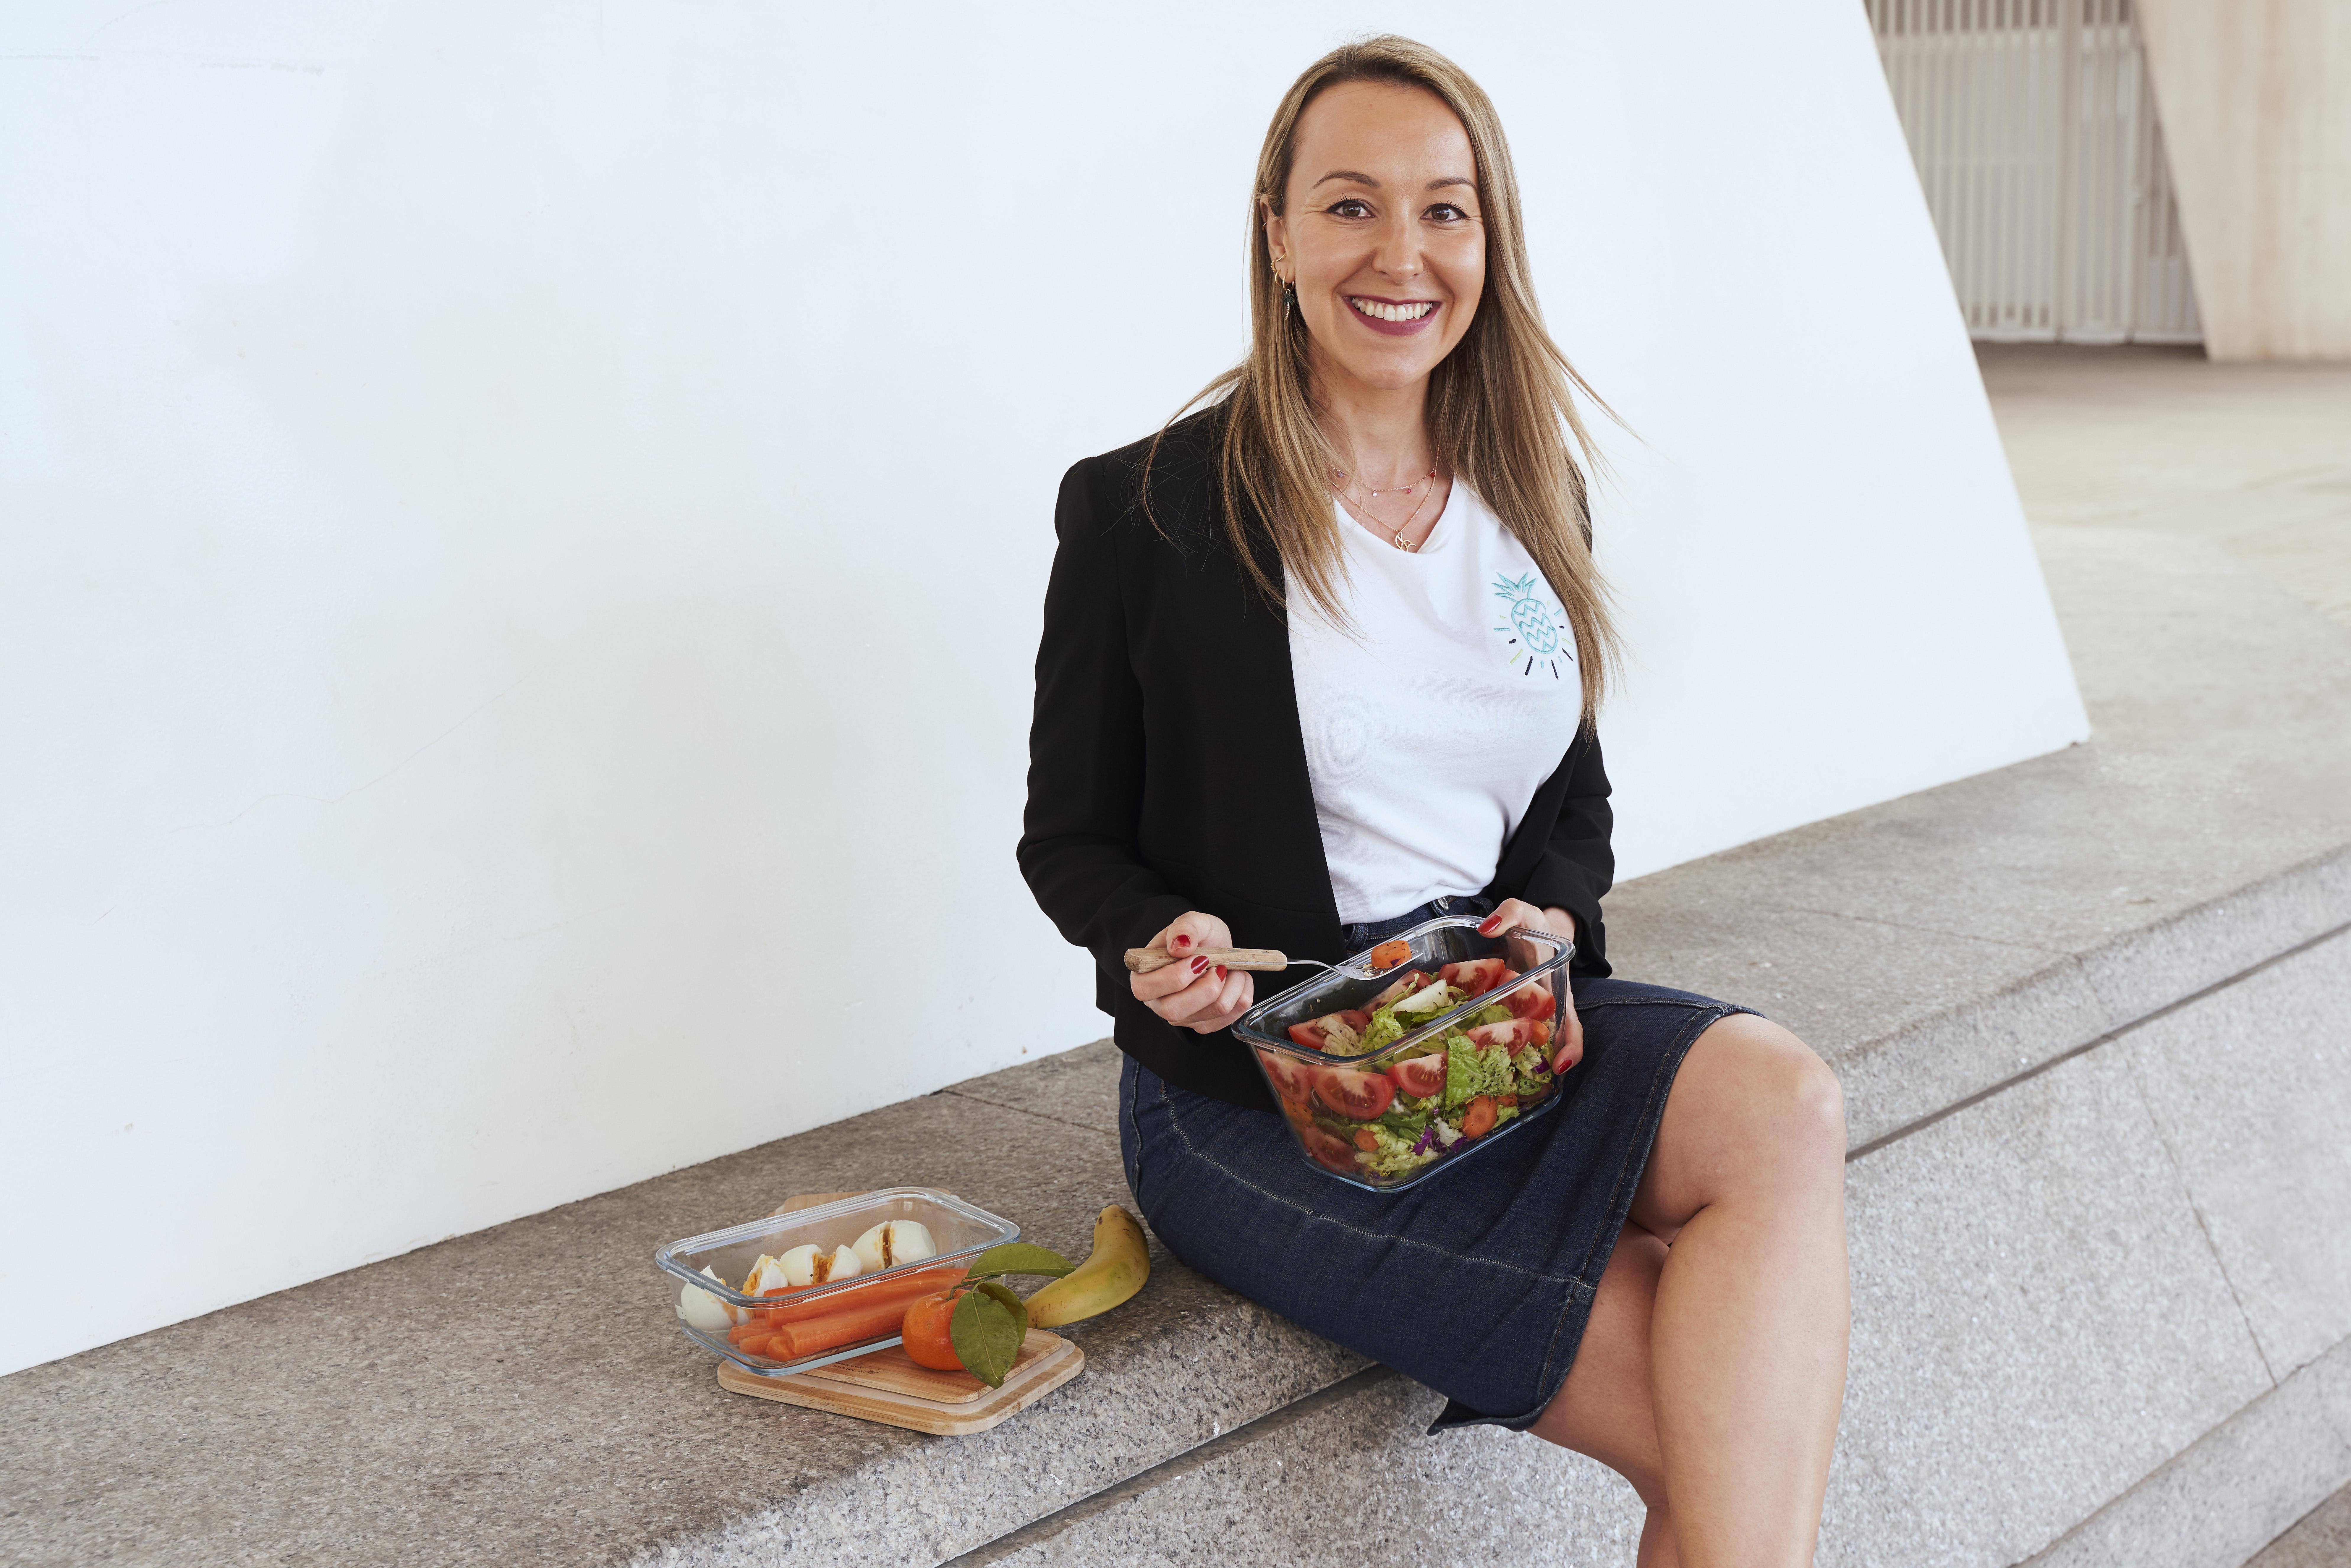 """Paloma Quintana, nutricionista: """"La población este año ha dado bastantes pasos atrás en lo que respecta a alimentación saludable"""""""